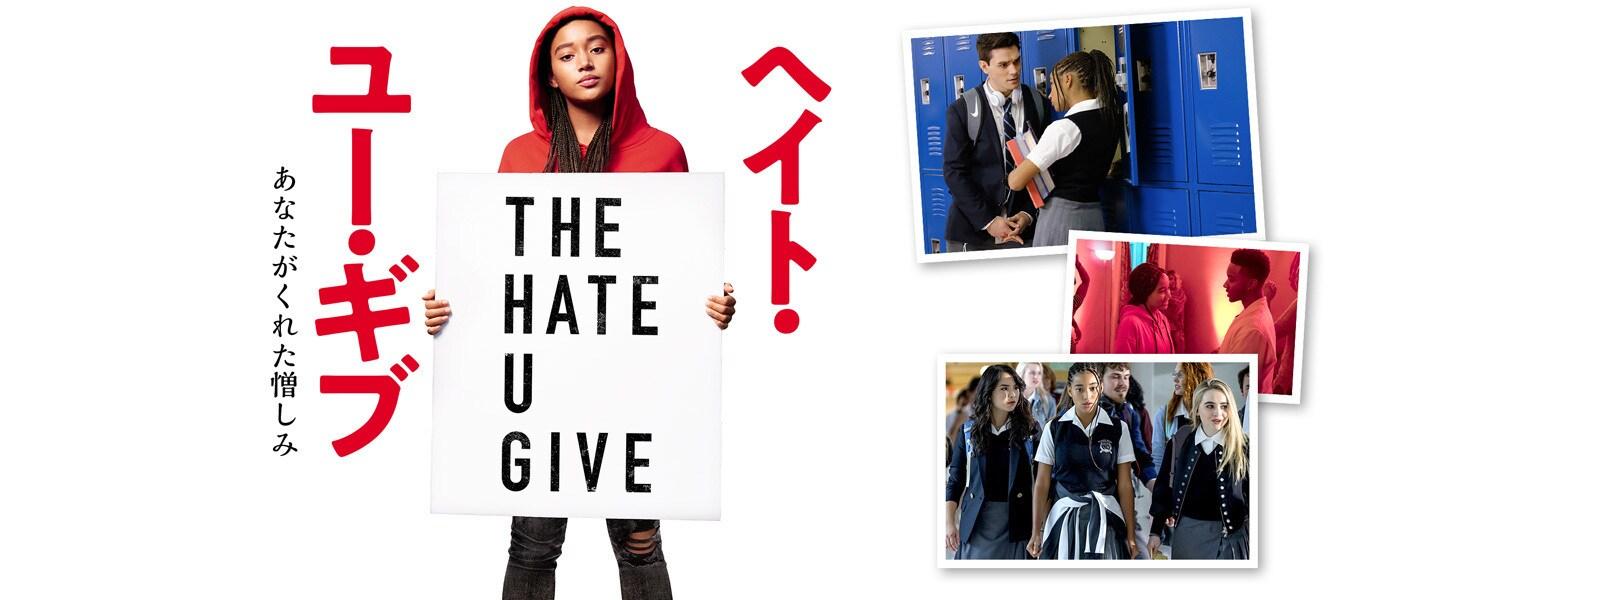 ヘイト・ユー・ギブ|The Hate U Give Hero Object